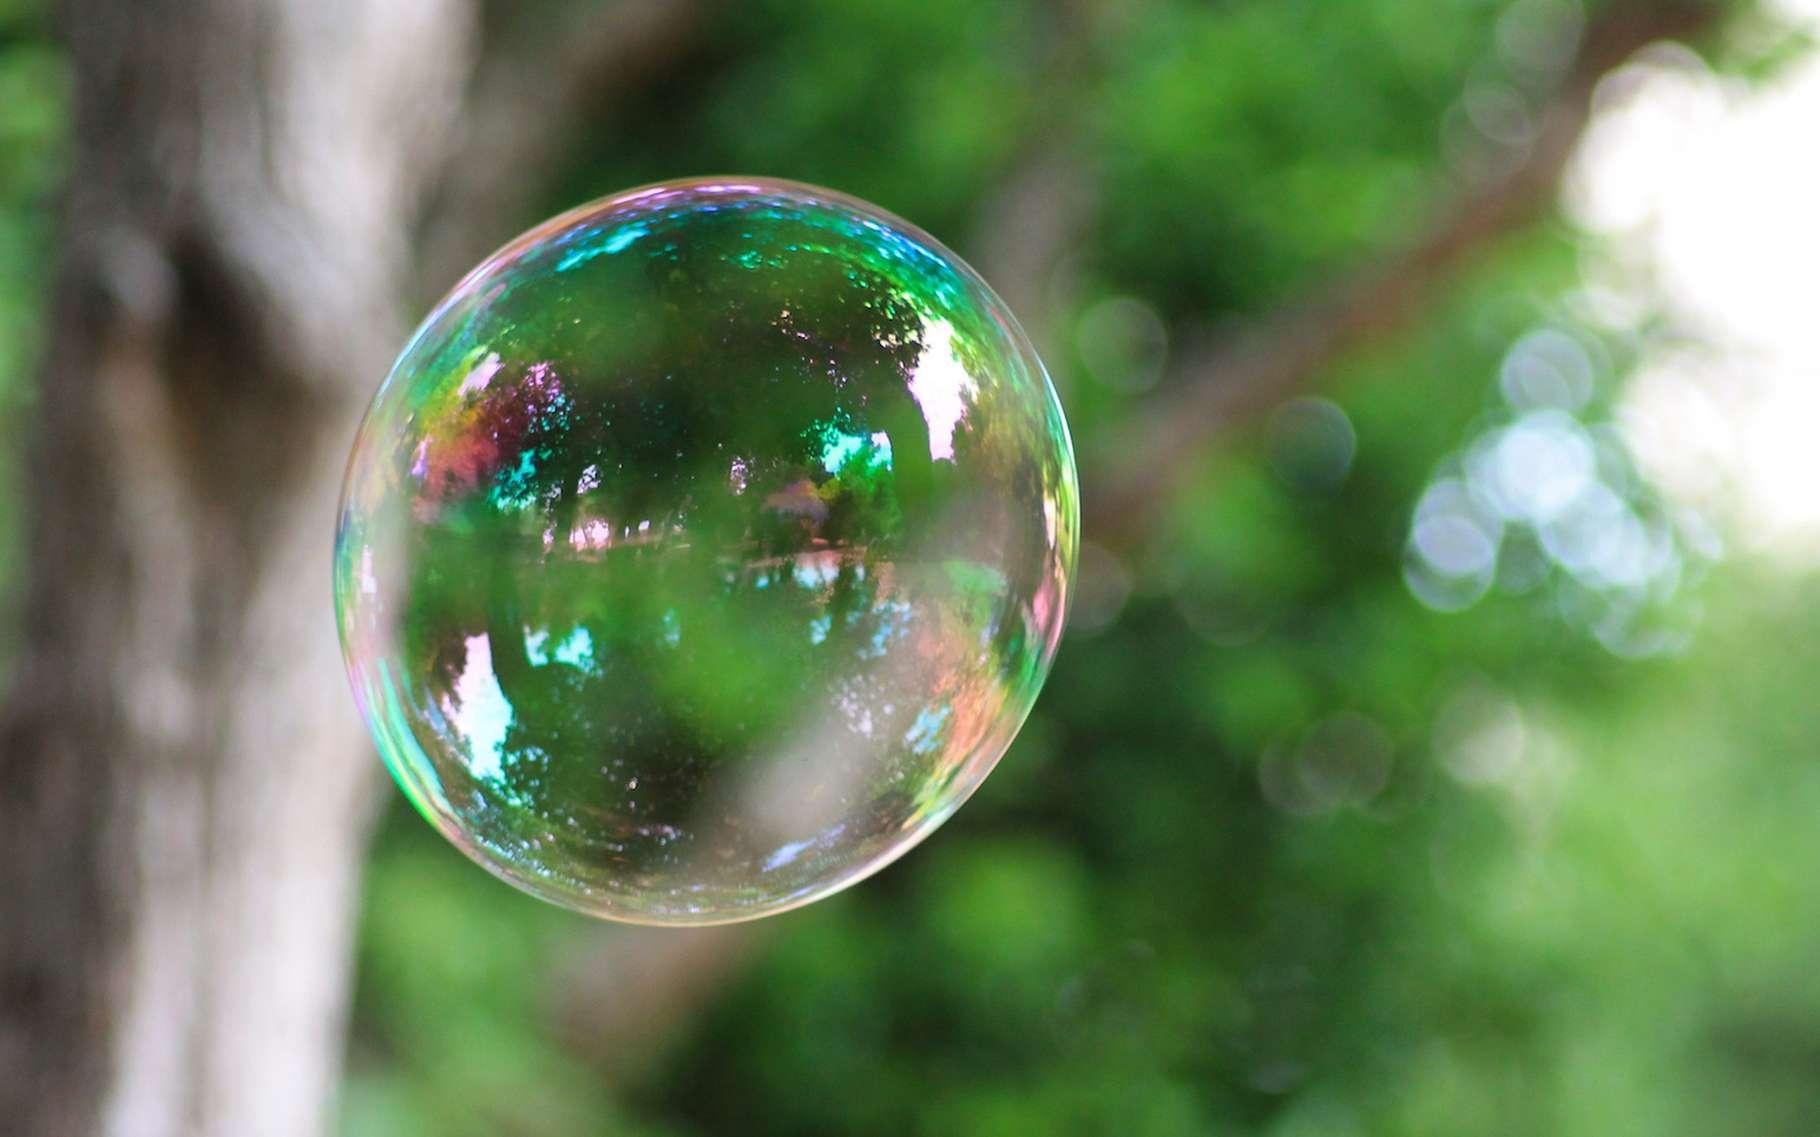 C'est sous l'effet Marangoni, entre autres, que se créent les arcs-en-ciel de couleur en mouvement à la surface des bulles de savon. © marie alexandre, Flickr, CC by nc-nd 2.0